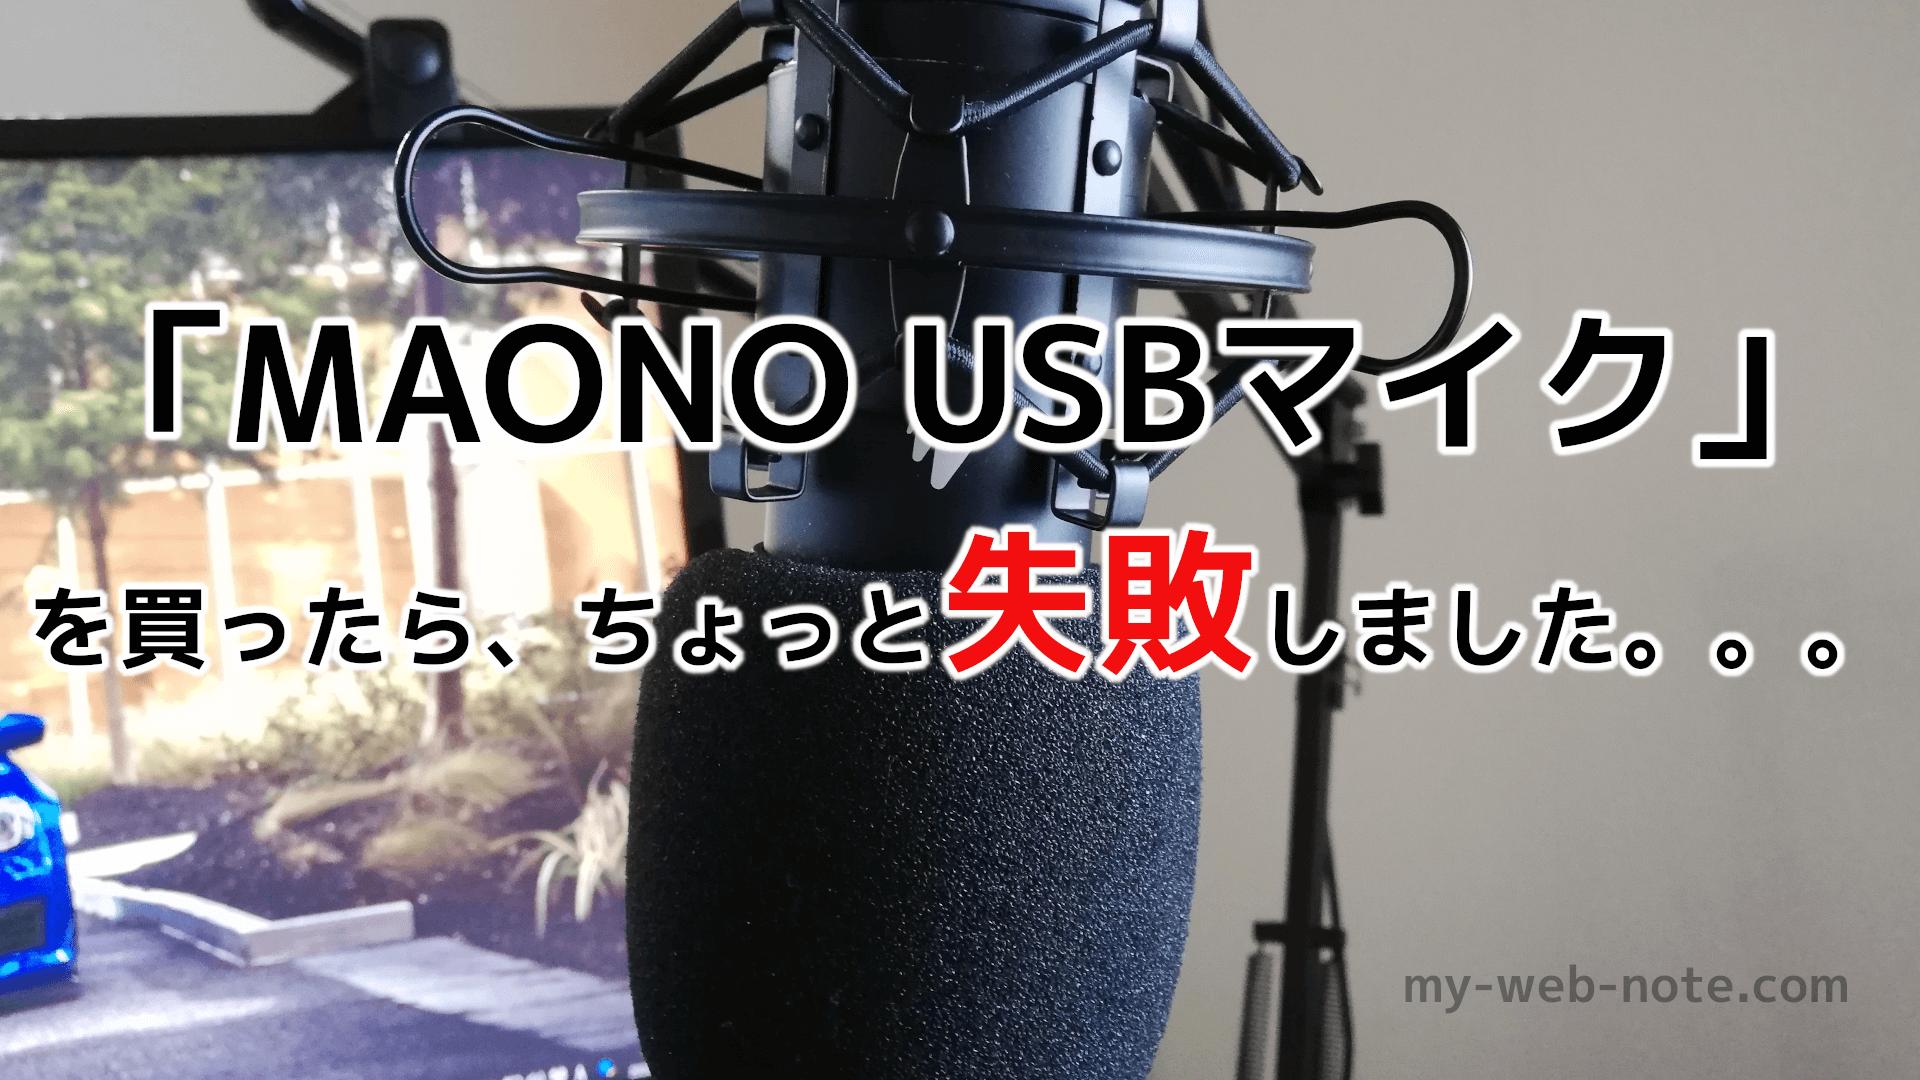 【失敗しました】オンライン会議やゲーム実況で使える『MAONO USBマイク』買ってみた!